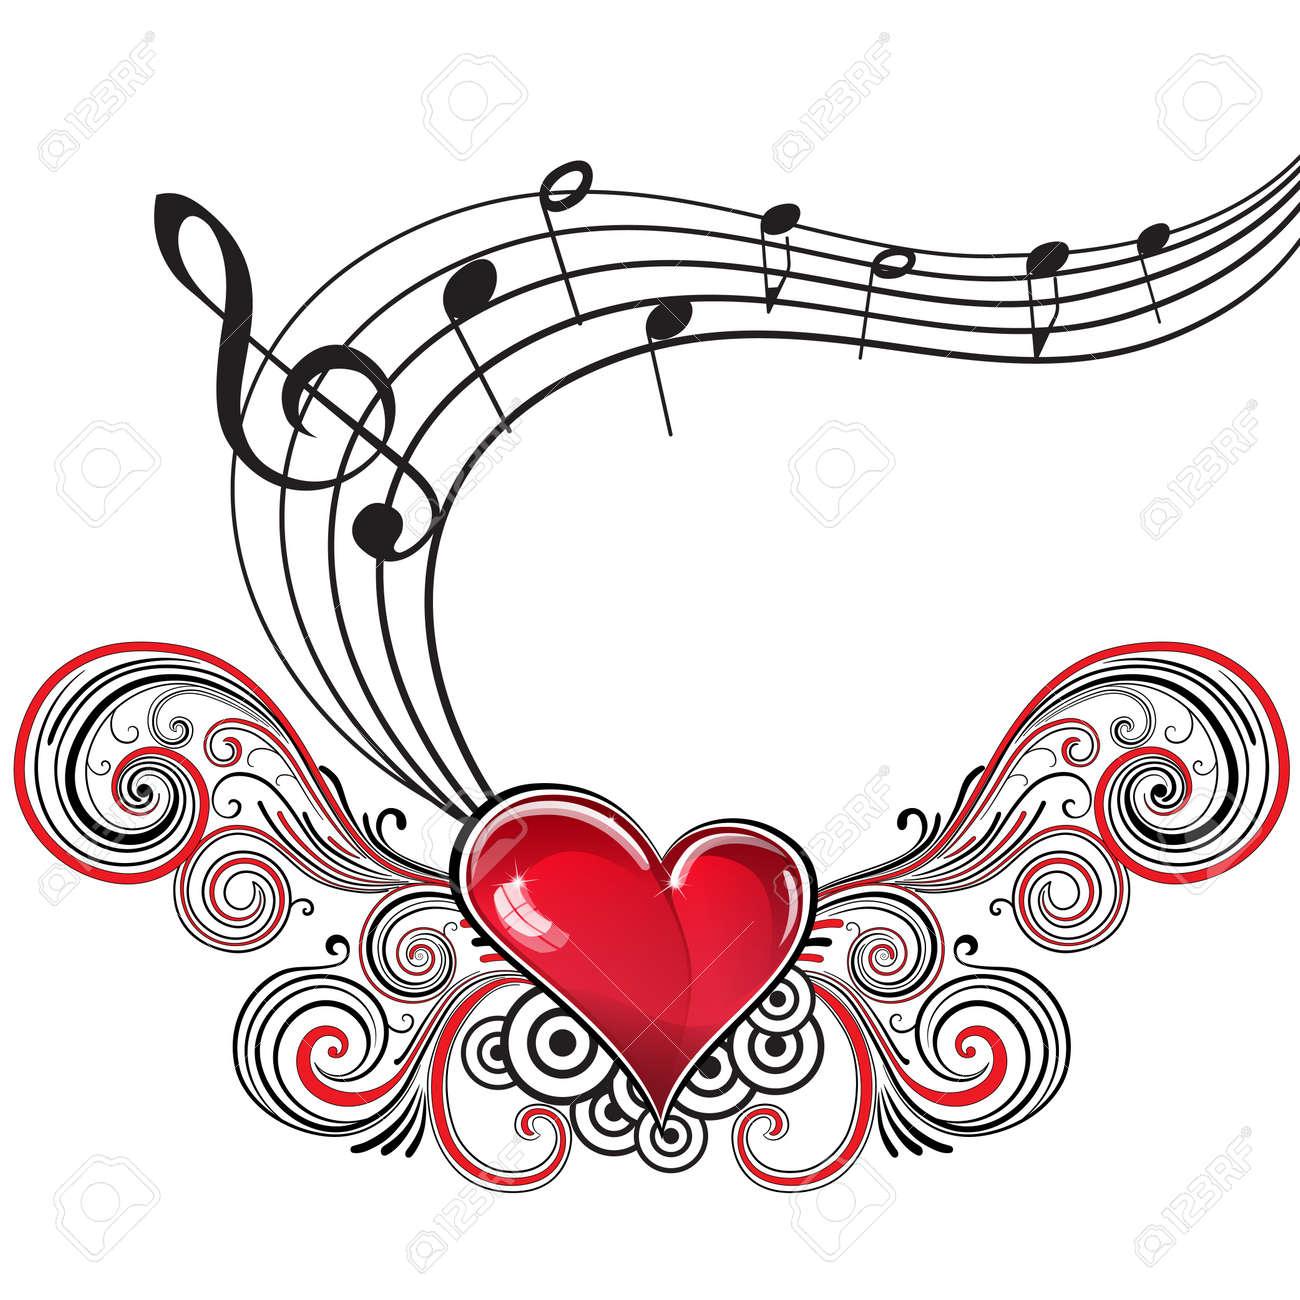 Corazón En El Estilo Grunge Con Notas Musicales Y Clave De Sol